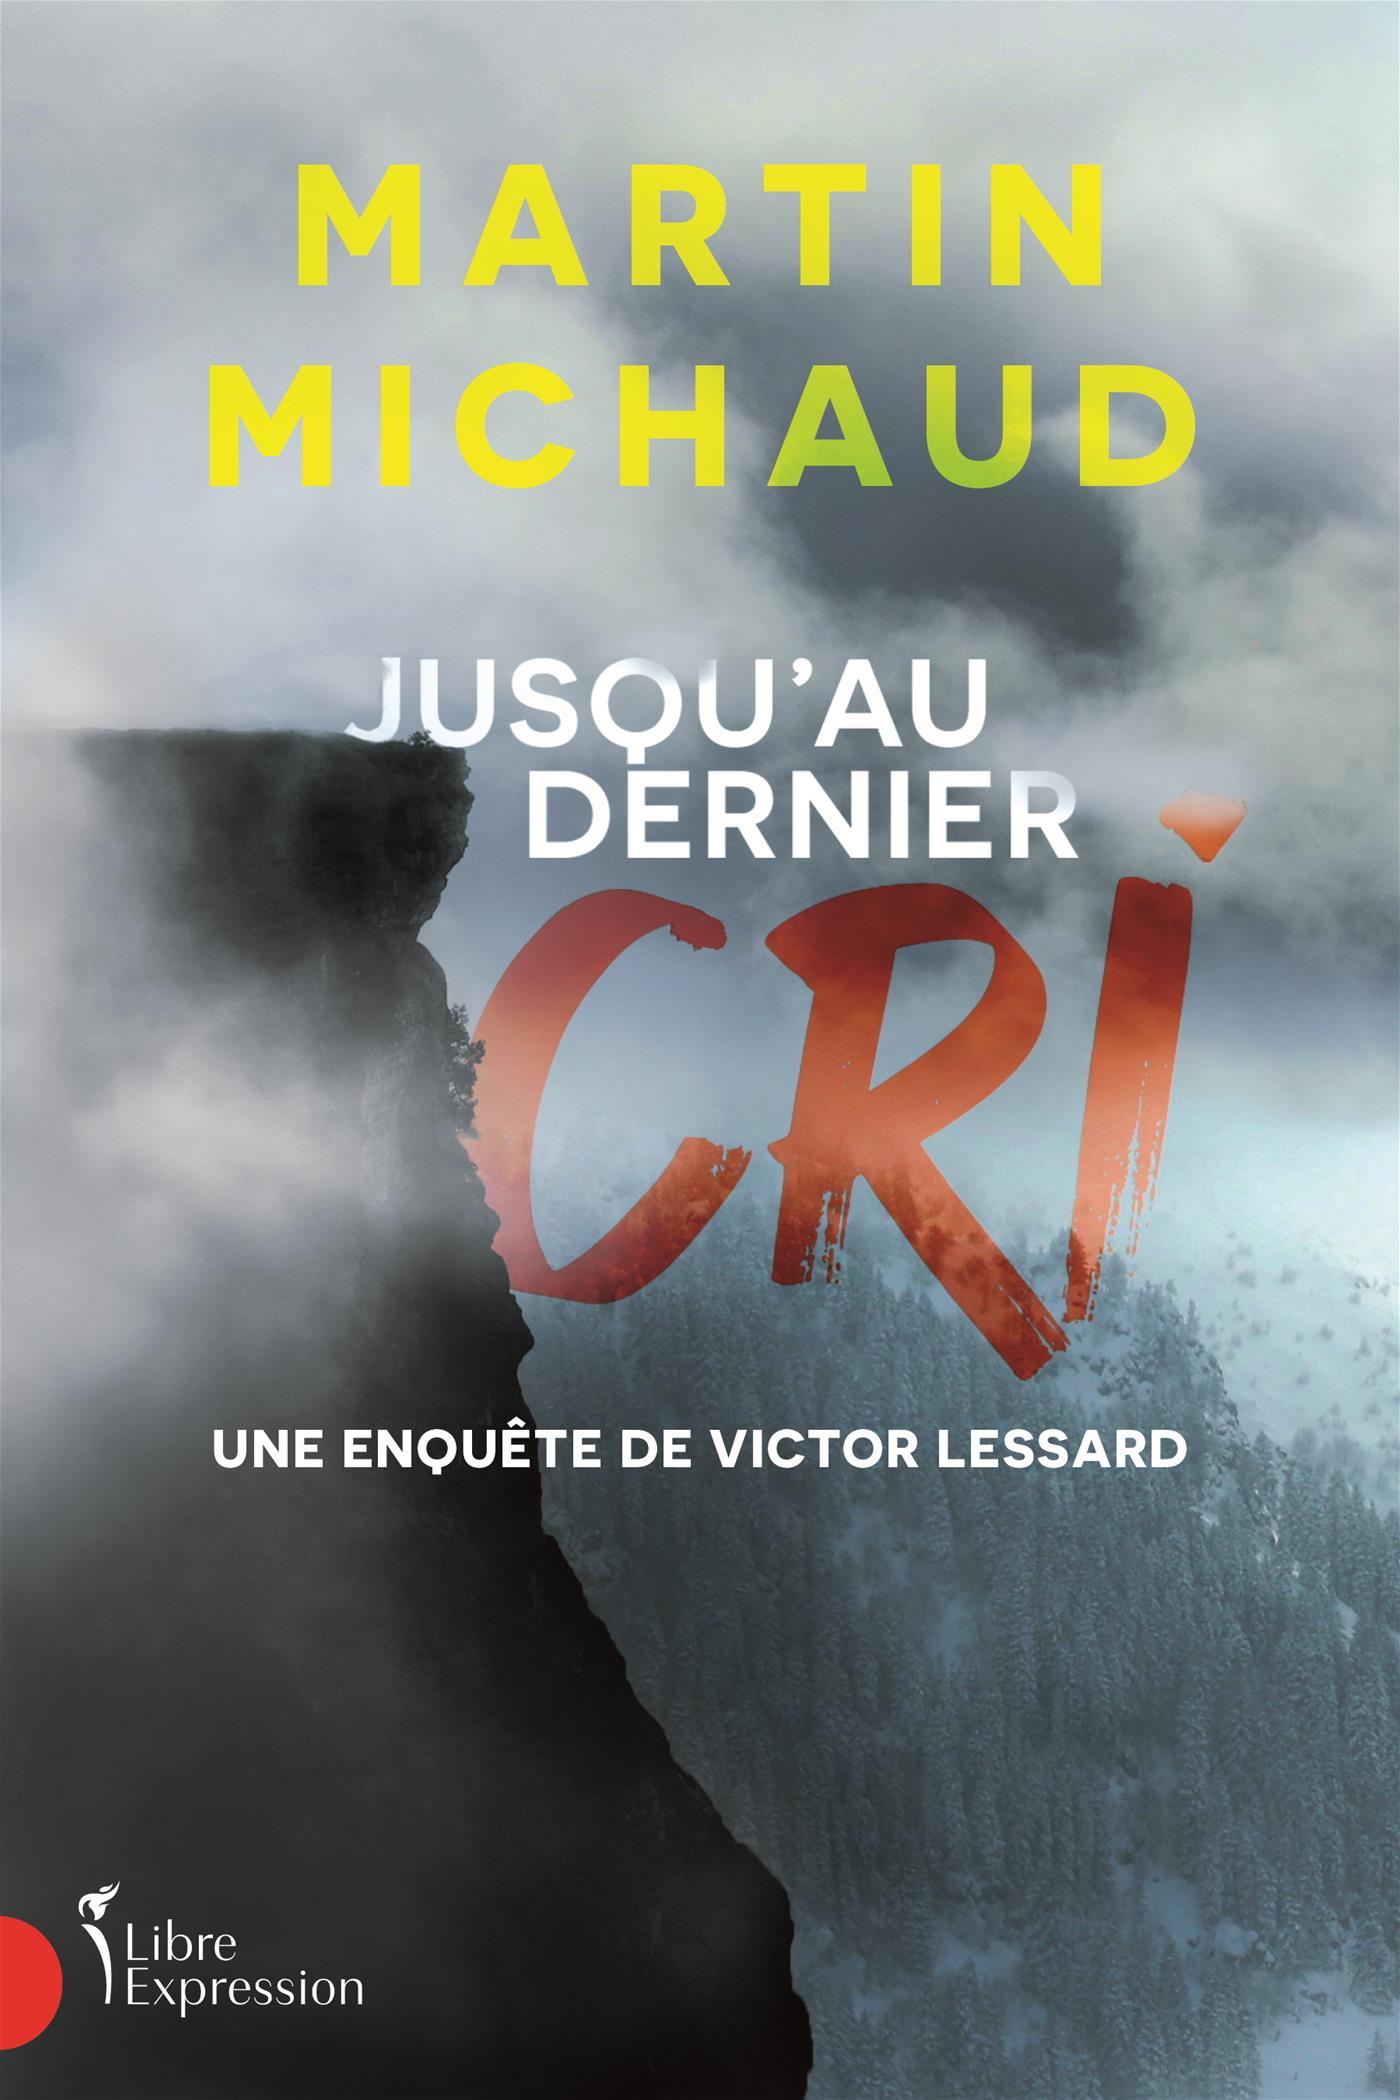 Jusqu'au dernier cri - Une enquête de Victor Lessard